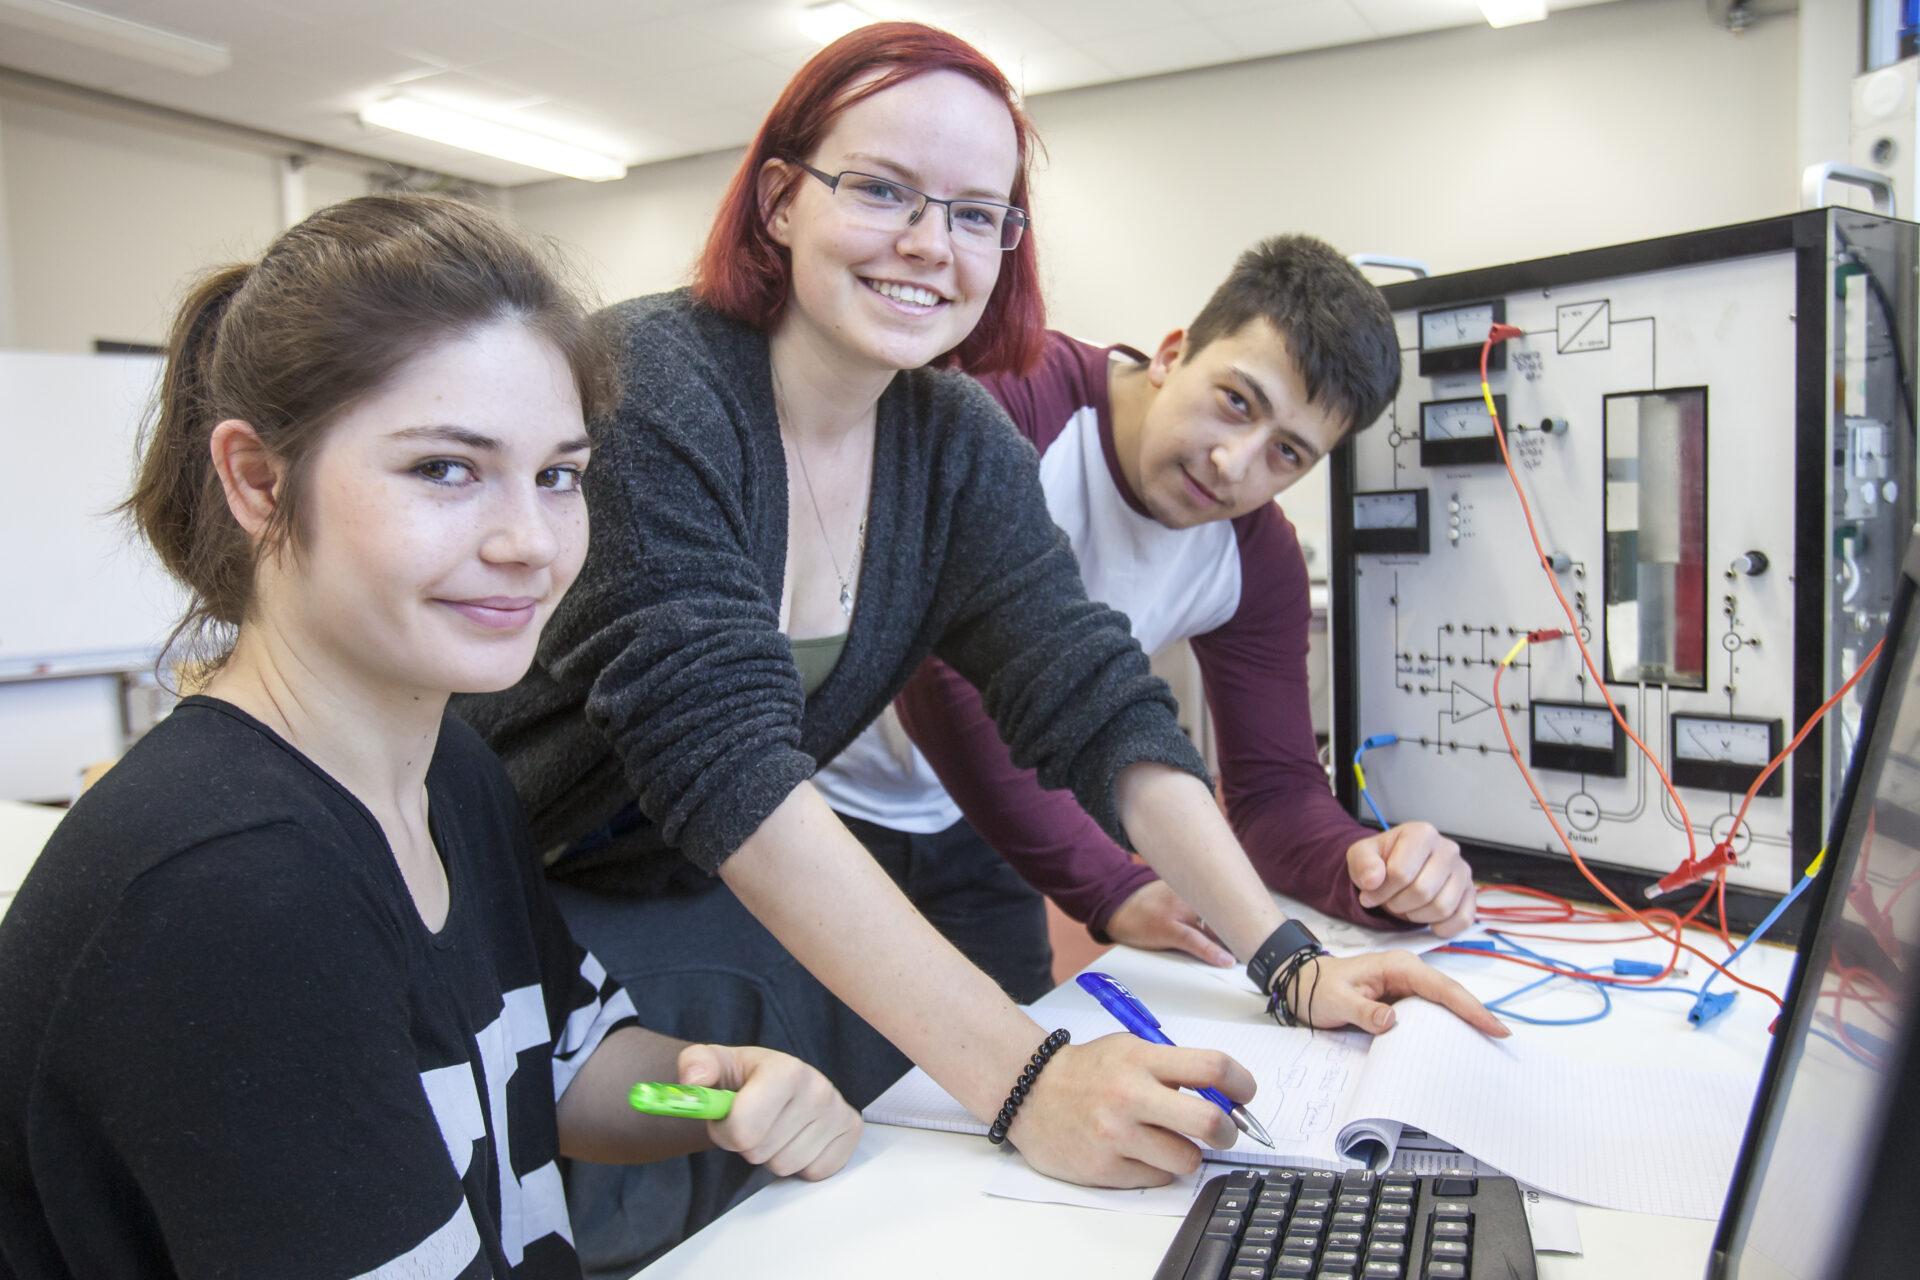 Drei junge Menschen arbeiten mit einem elektronischen Gerät